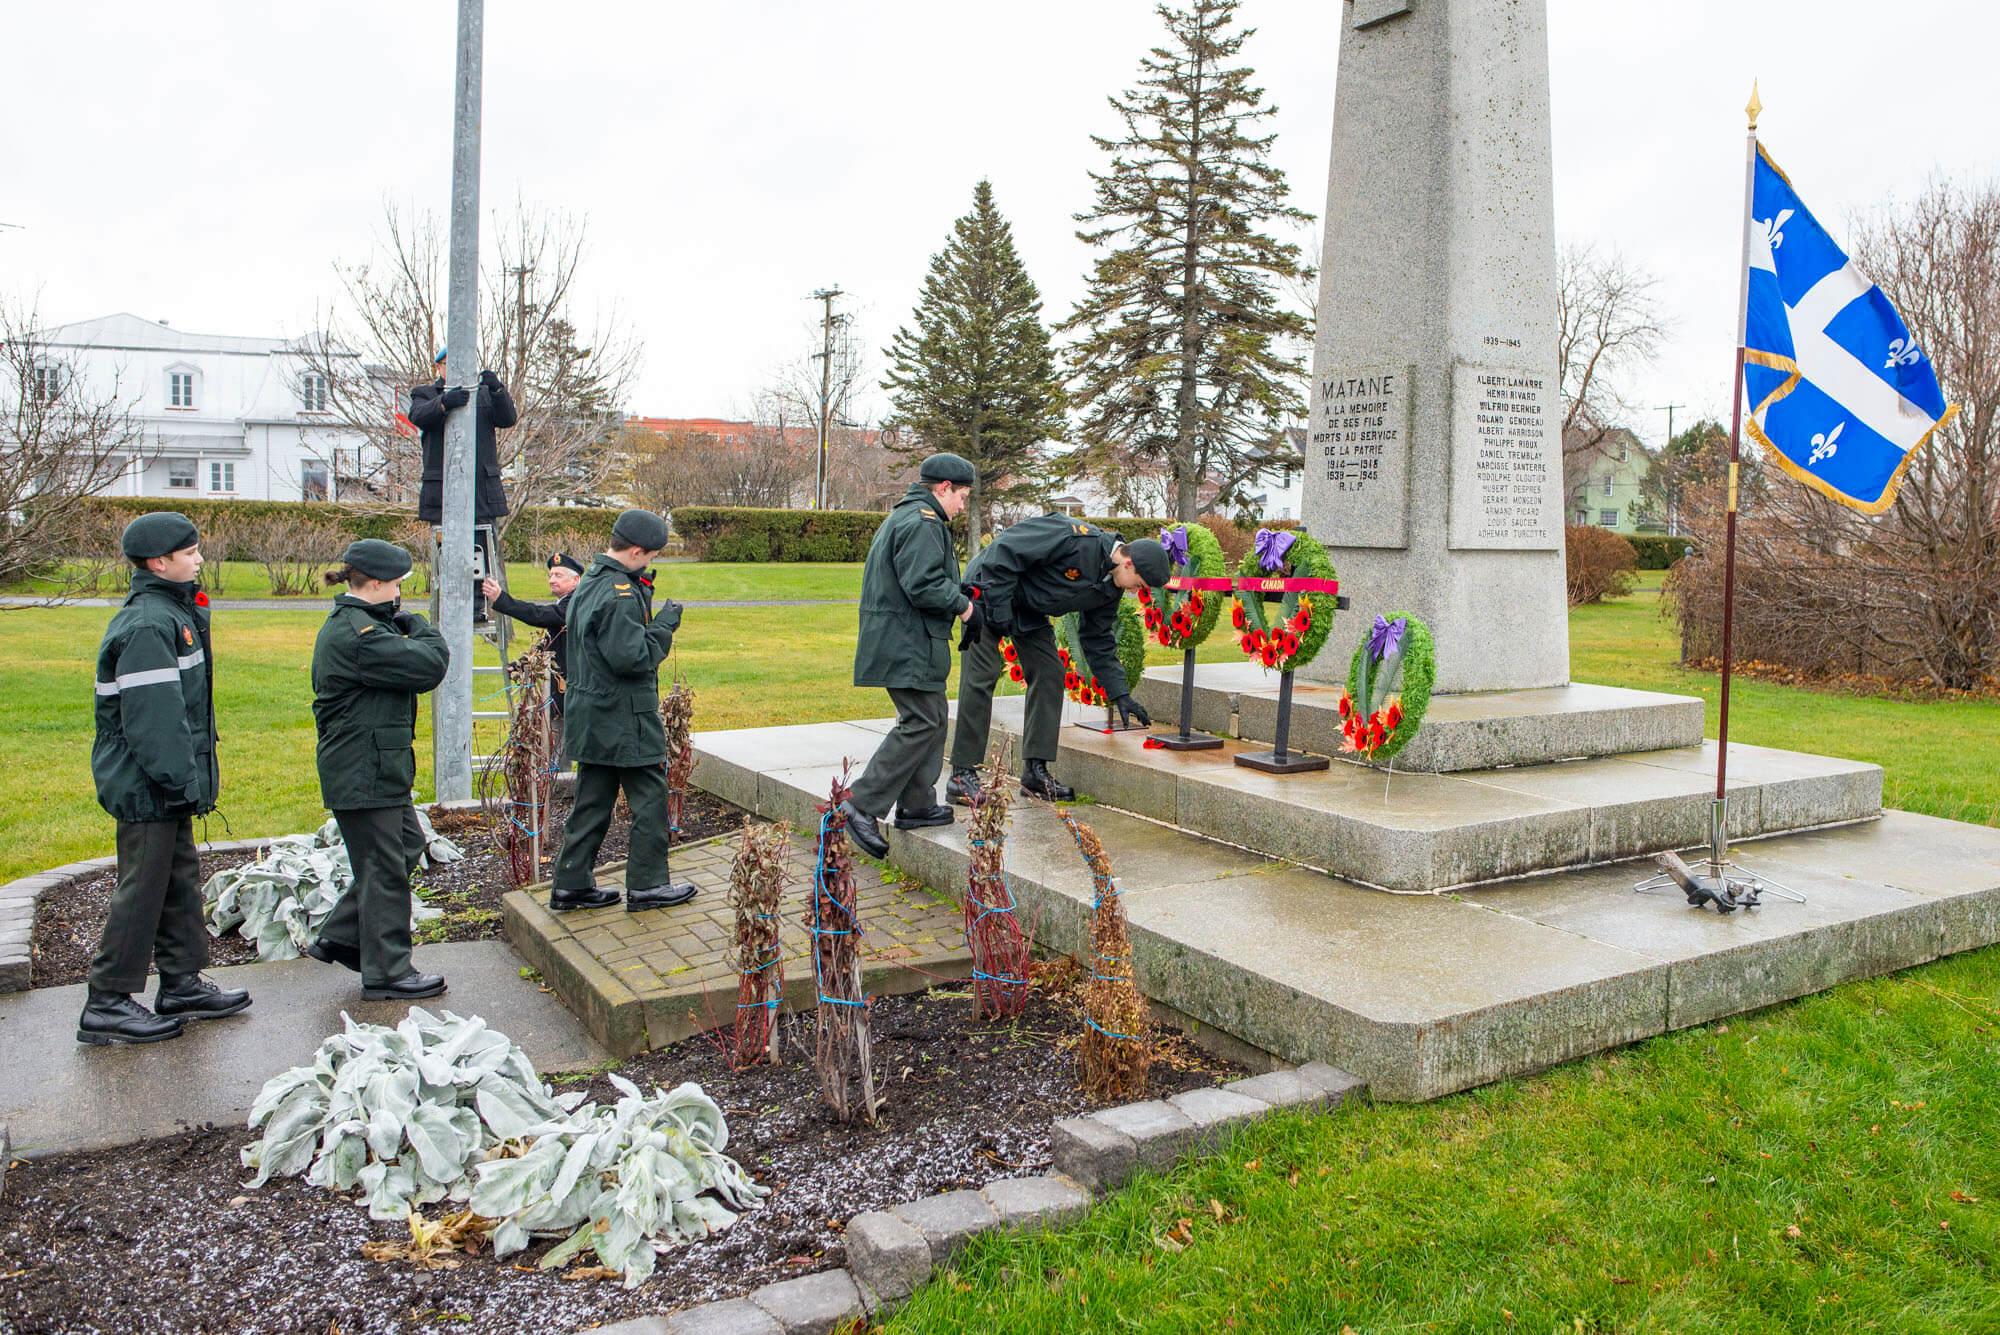 Jour du Souvenir Matane 2018 commémoration guerre coquelicot anciens combattants Légion royale canadienne